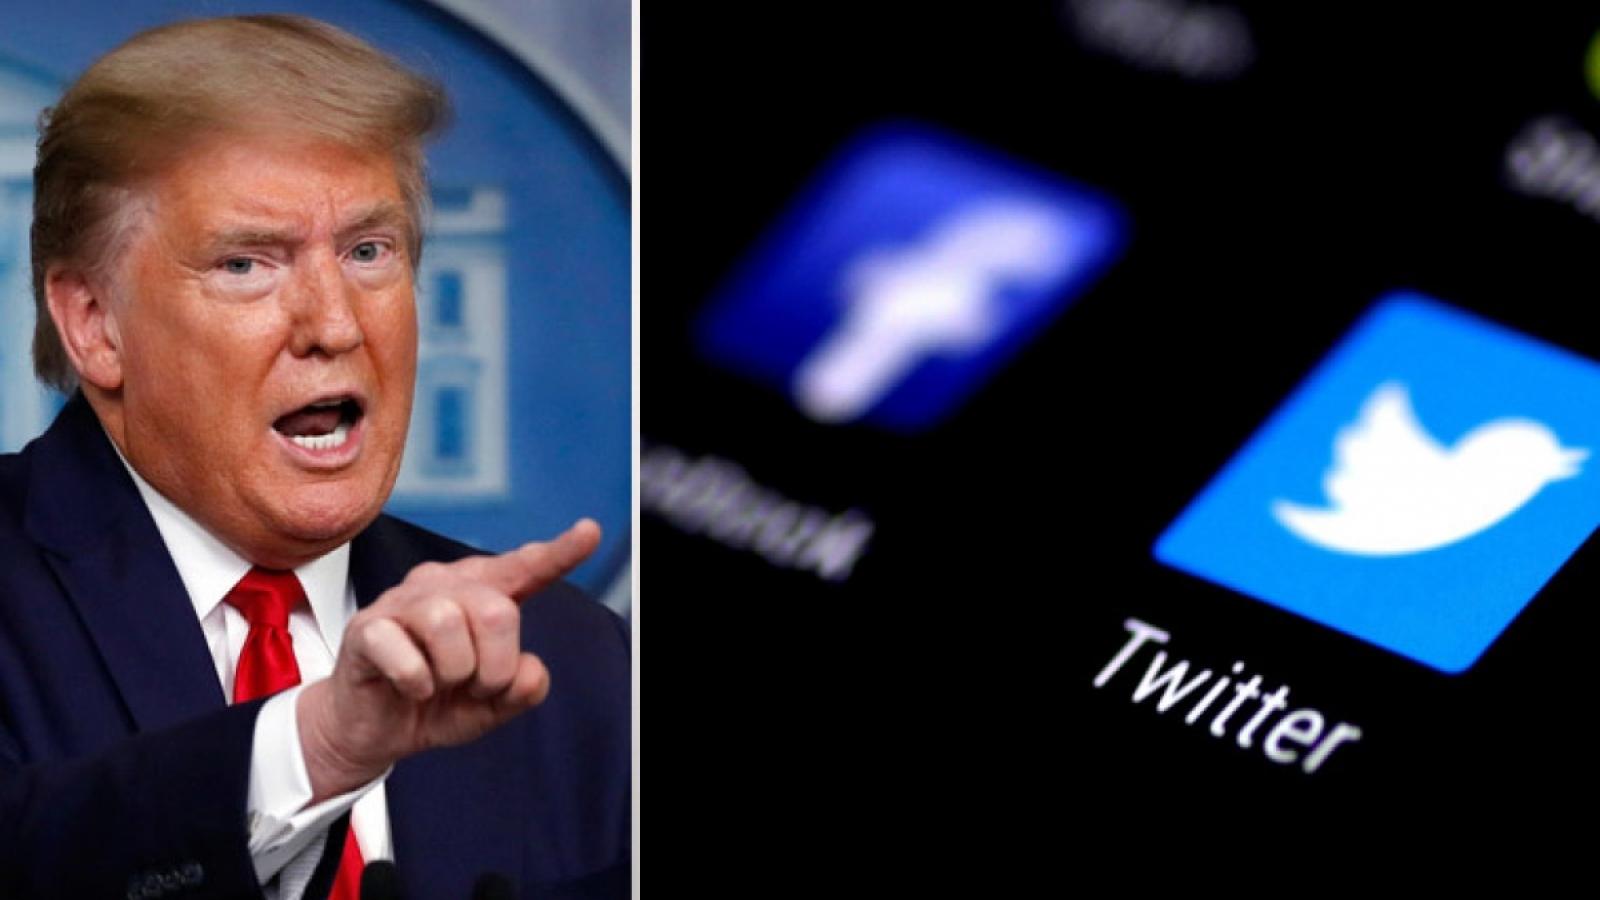 Đối phó Twitter, Tổng thống Trumptính xây dựng nền tảng xã hội riêng